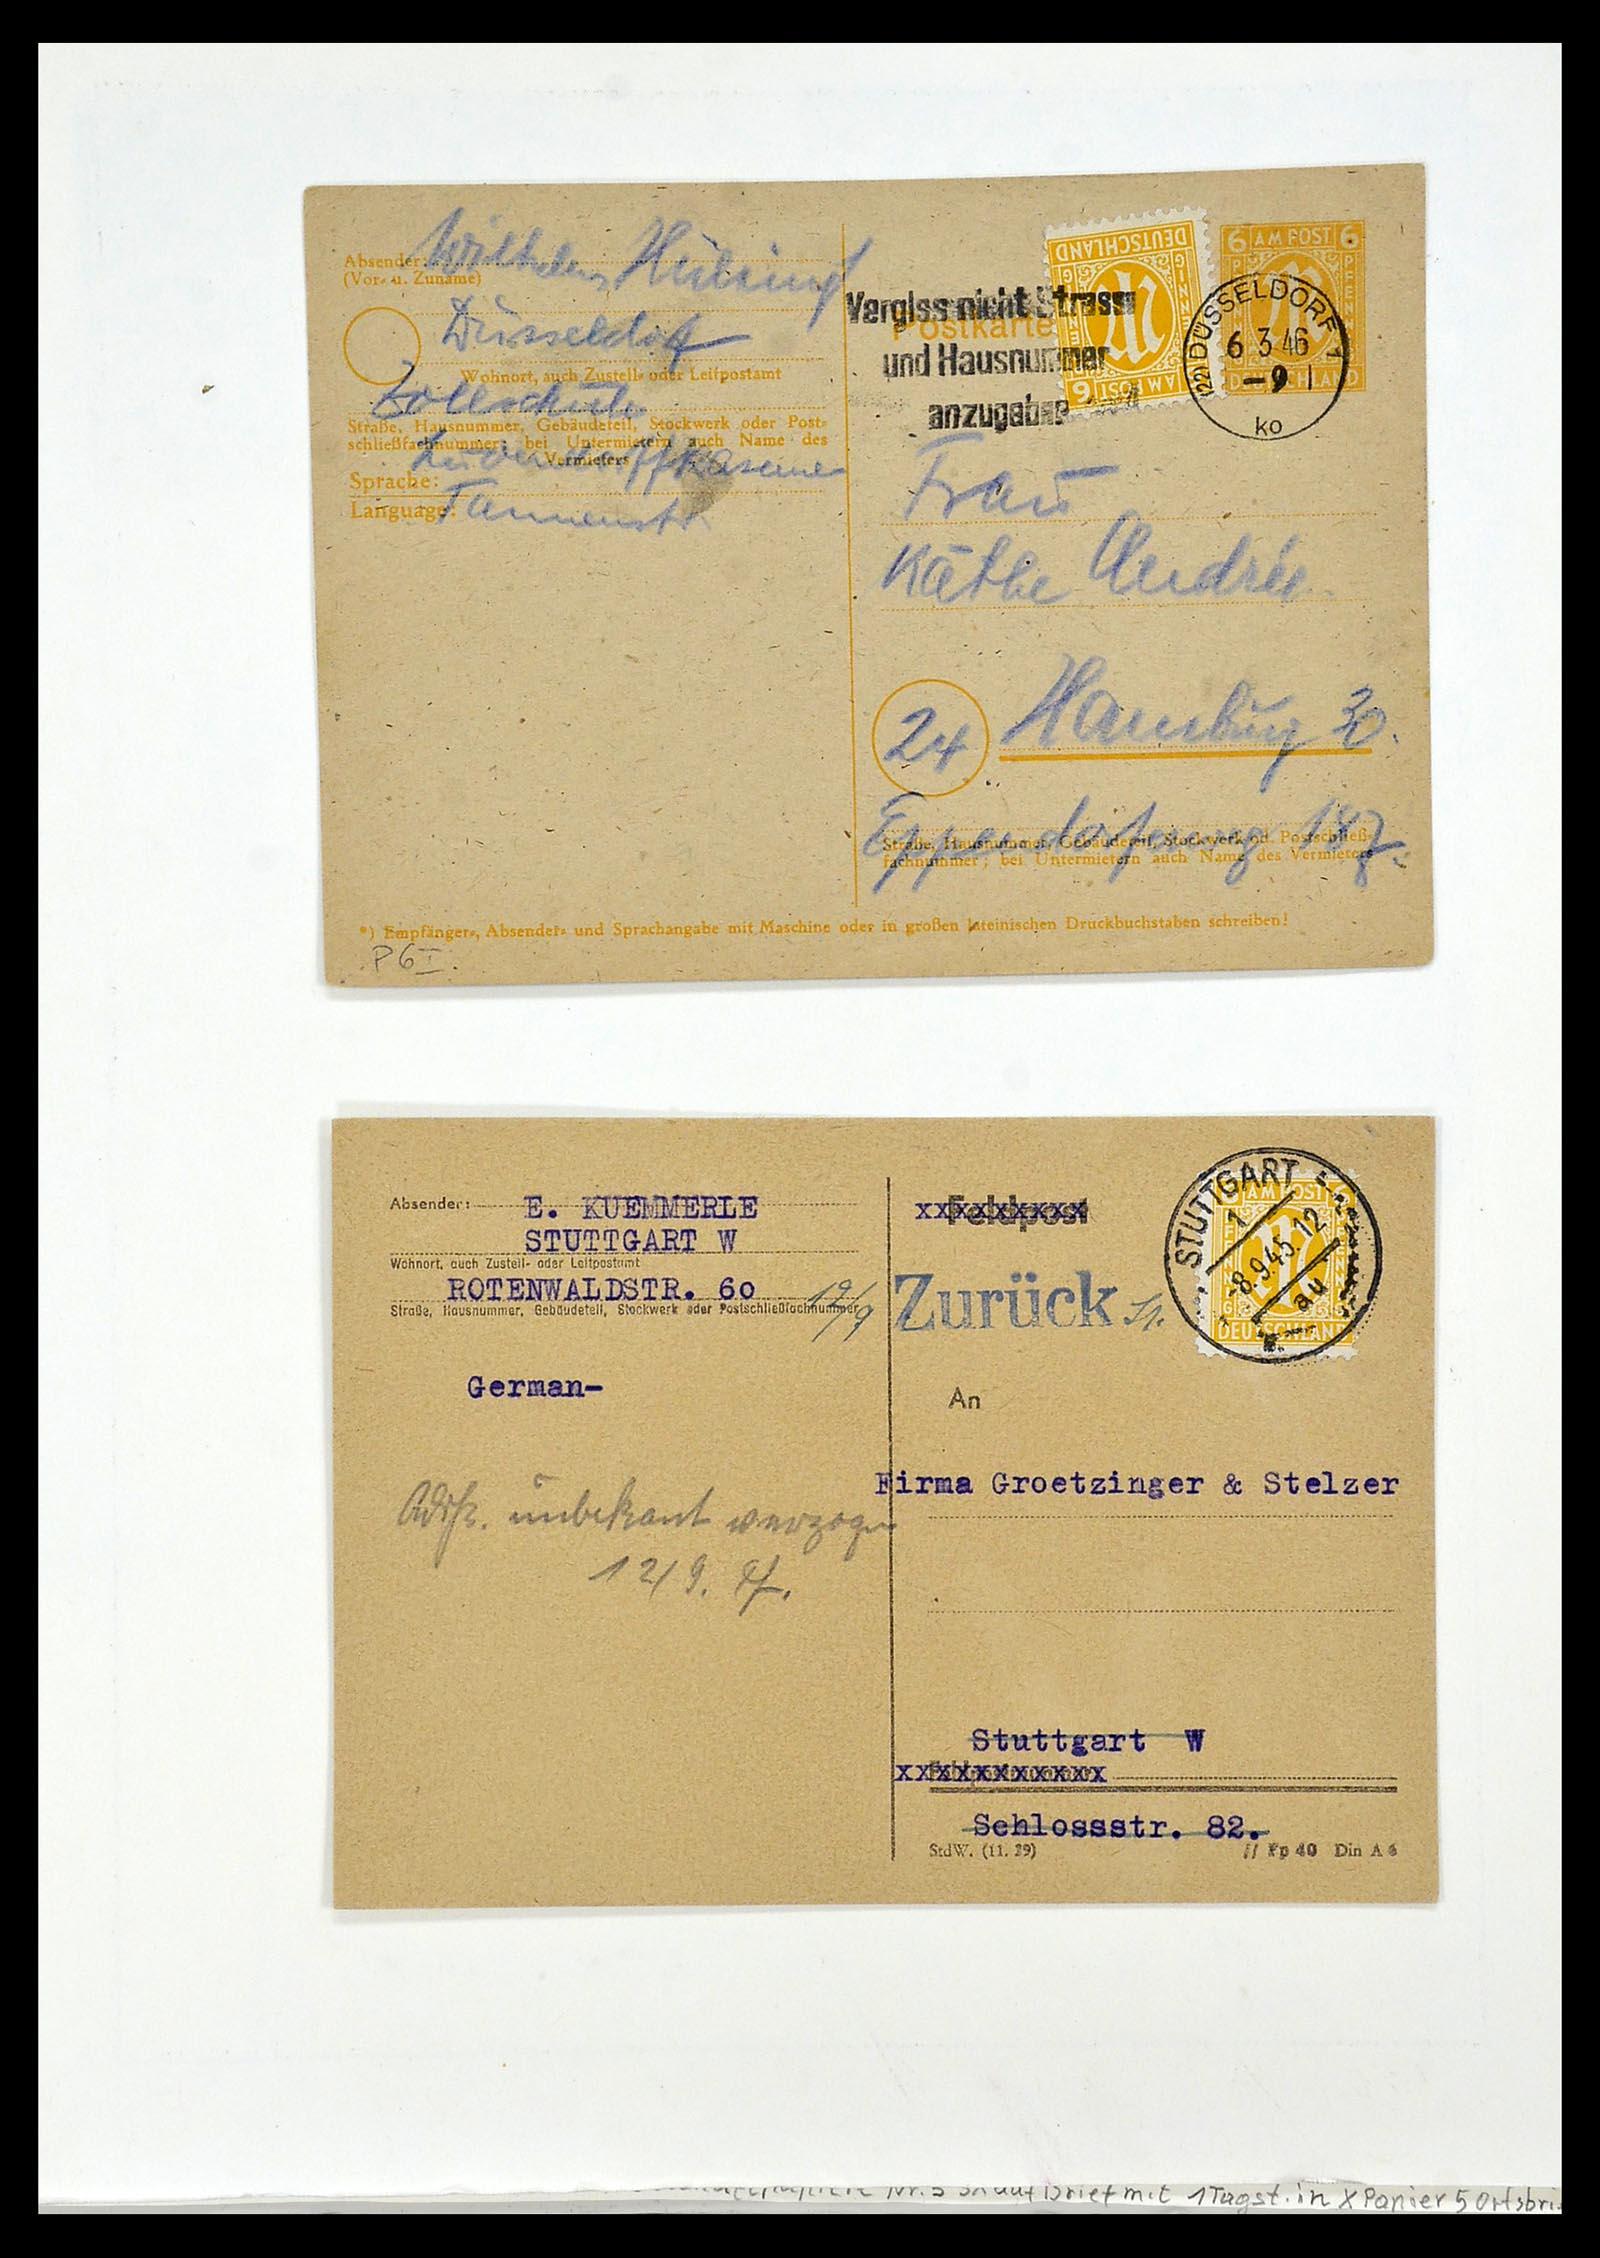 34152 019 - Postzegelverzameling 34152 Duitse Zones 1945-1949.